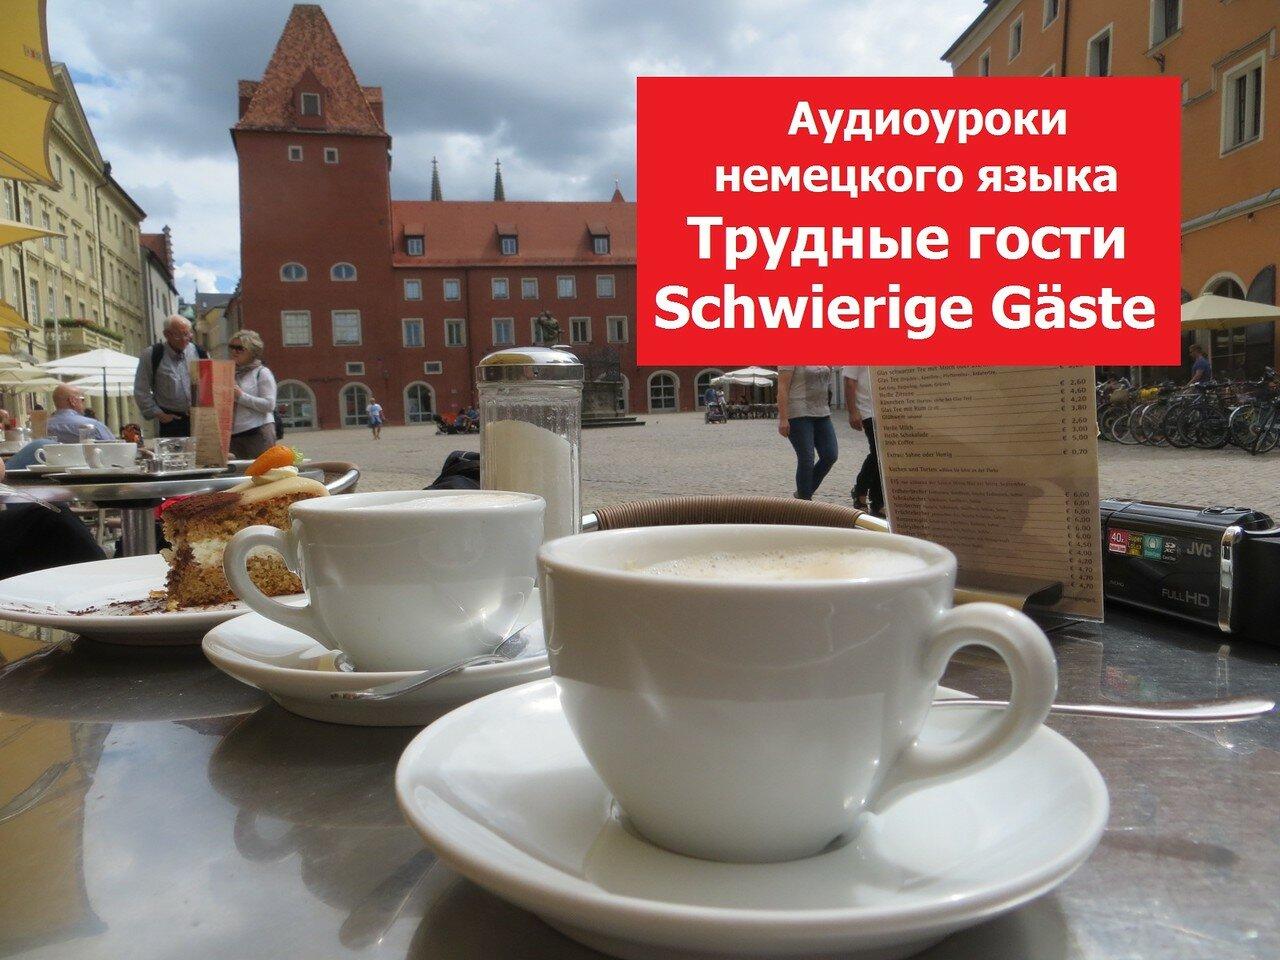 Сто аудиоуроков немецкого языка. Урок 020. Трудные гости. Schwierige Gäste